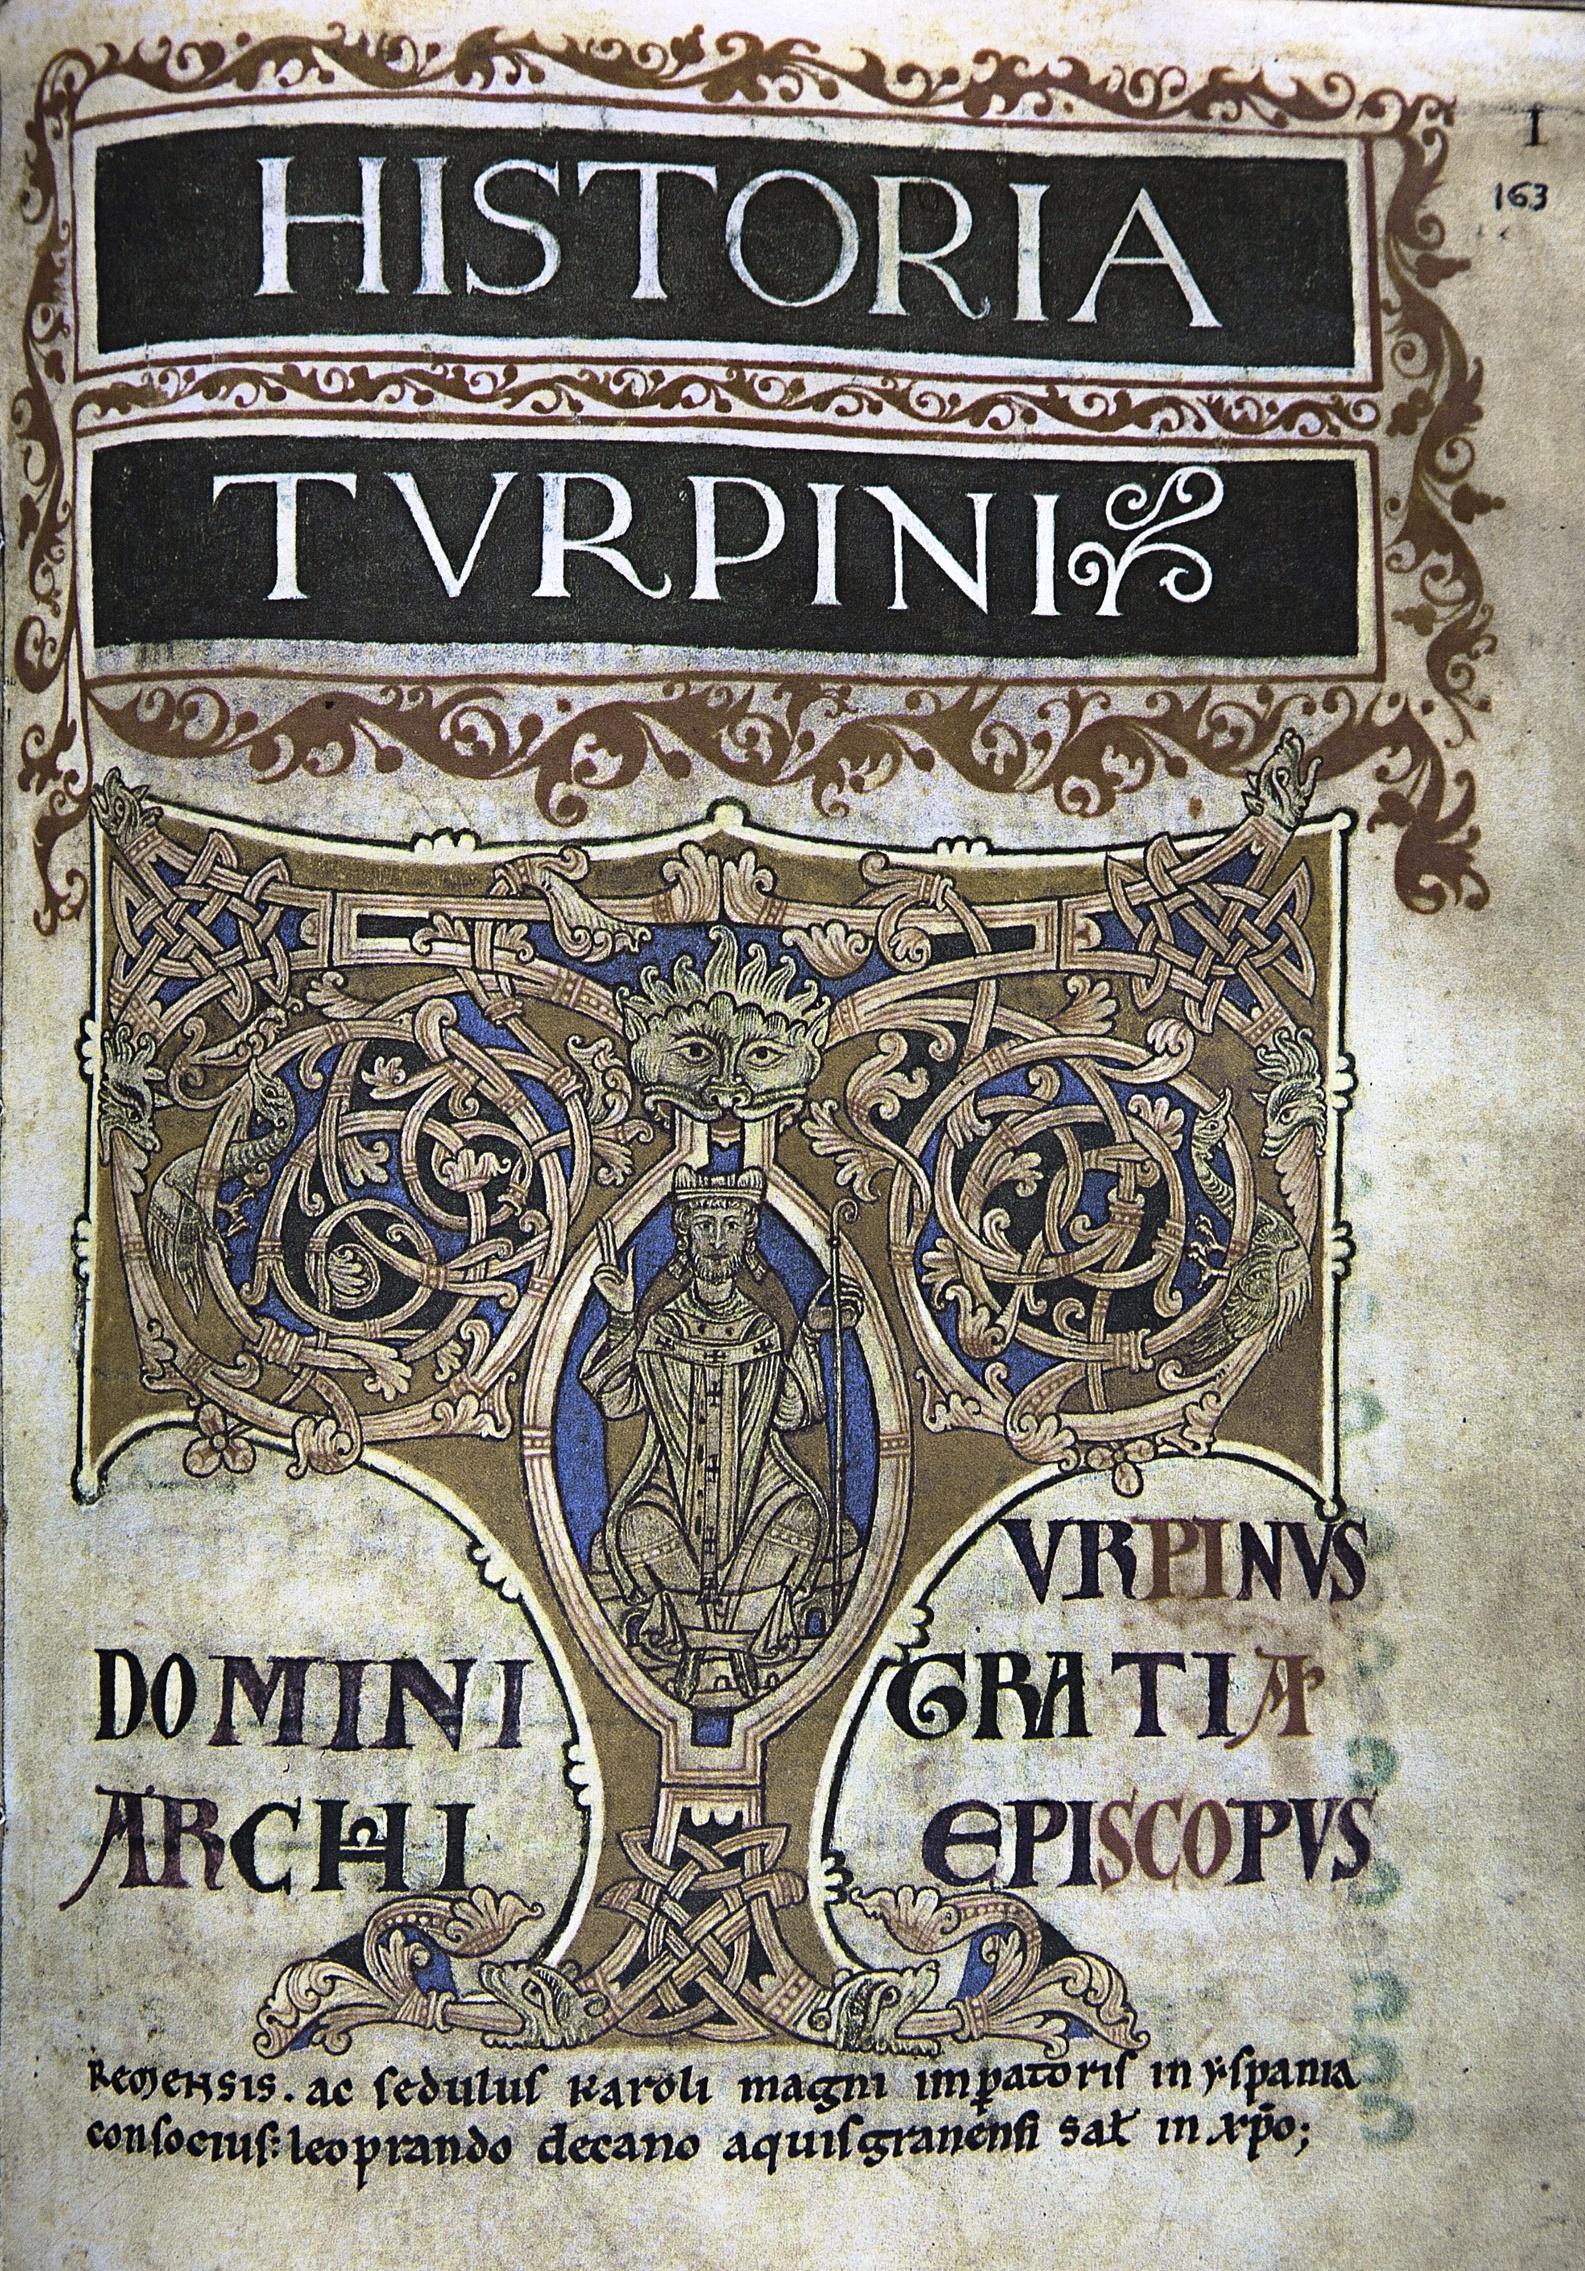 Wikipédia Wikipédia Turpinarchevêque— Wikipédia Turpinarchevêque— Turpinarchevêque— Turpinarchevêque— Wikipédia Turpinarchevêque— Wikipédia Turpinarchevêque— QdhtBsrCox